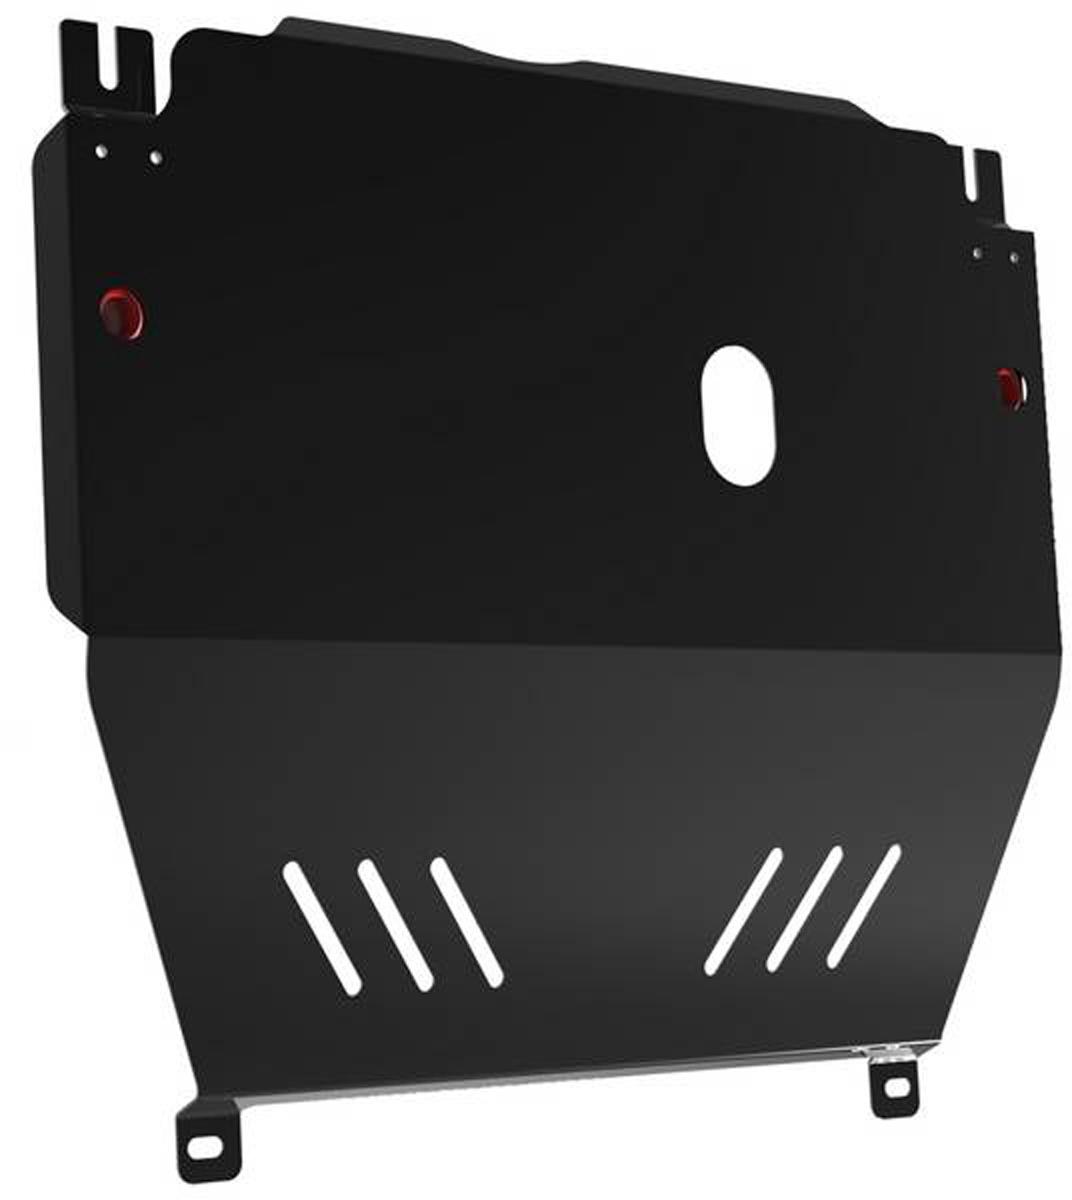 Защита картера и КПП Автоброня Chevrolet Aveo 2012-, сталь 2 мм1.01015.1Защита картера и КПП Автоброня Chevrolet Aveo, МКПП, V - 1,6 2012-, сталь 2 мм, штатный крепеж, 1.01015.1Стальные защиты Автоброня надежно защищают ваш автомобиль от повреждений при наезде на бордюры, выступающие канализационные люки, кромки поврежденного асфальта или при ремонте дорог, не говоря уже о загородных дорогах. - Имеют оптимальное соотношение цена-качество. - Спроектированы с учетом особенностей автомобиля, что делает установку удобной. - Защита устанавливается в штатные места кузова автомобиля. - Является надежной защитой для важных элементов на протяжении долгих лет. - Глубокий штамп дополнительно усиливает конструкцию защиты. - Подштамповка в местах крепления защищает крепеж от срезания. - Технологические отверстия там, где они необходимы для смены масла и слива воды, оборудованные заглушками, закрепленными на защите. Толщина стали 2 мм. В комплекте инструкция по установке. При установке используется штатный крепеж автомобиля.